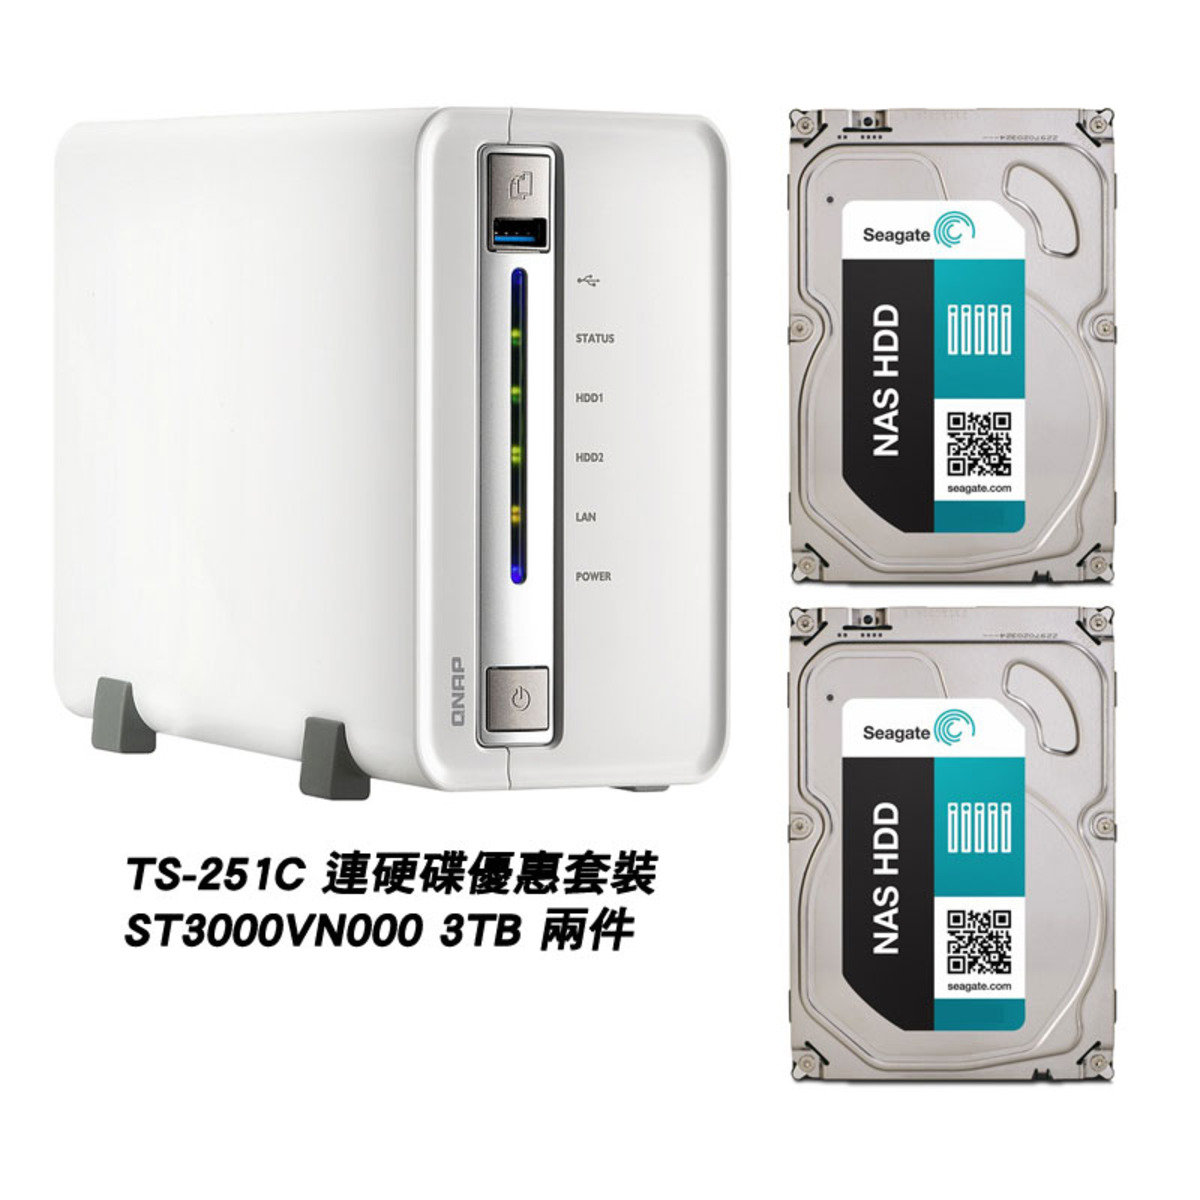 (連硬碟優惠套裝) 2-Bay 雲端網絡儲存分享系統 6TB TS-251C-UK-S302T